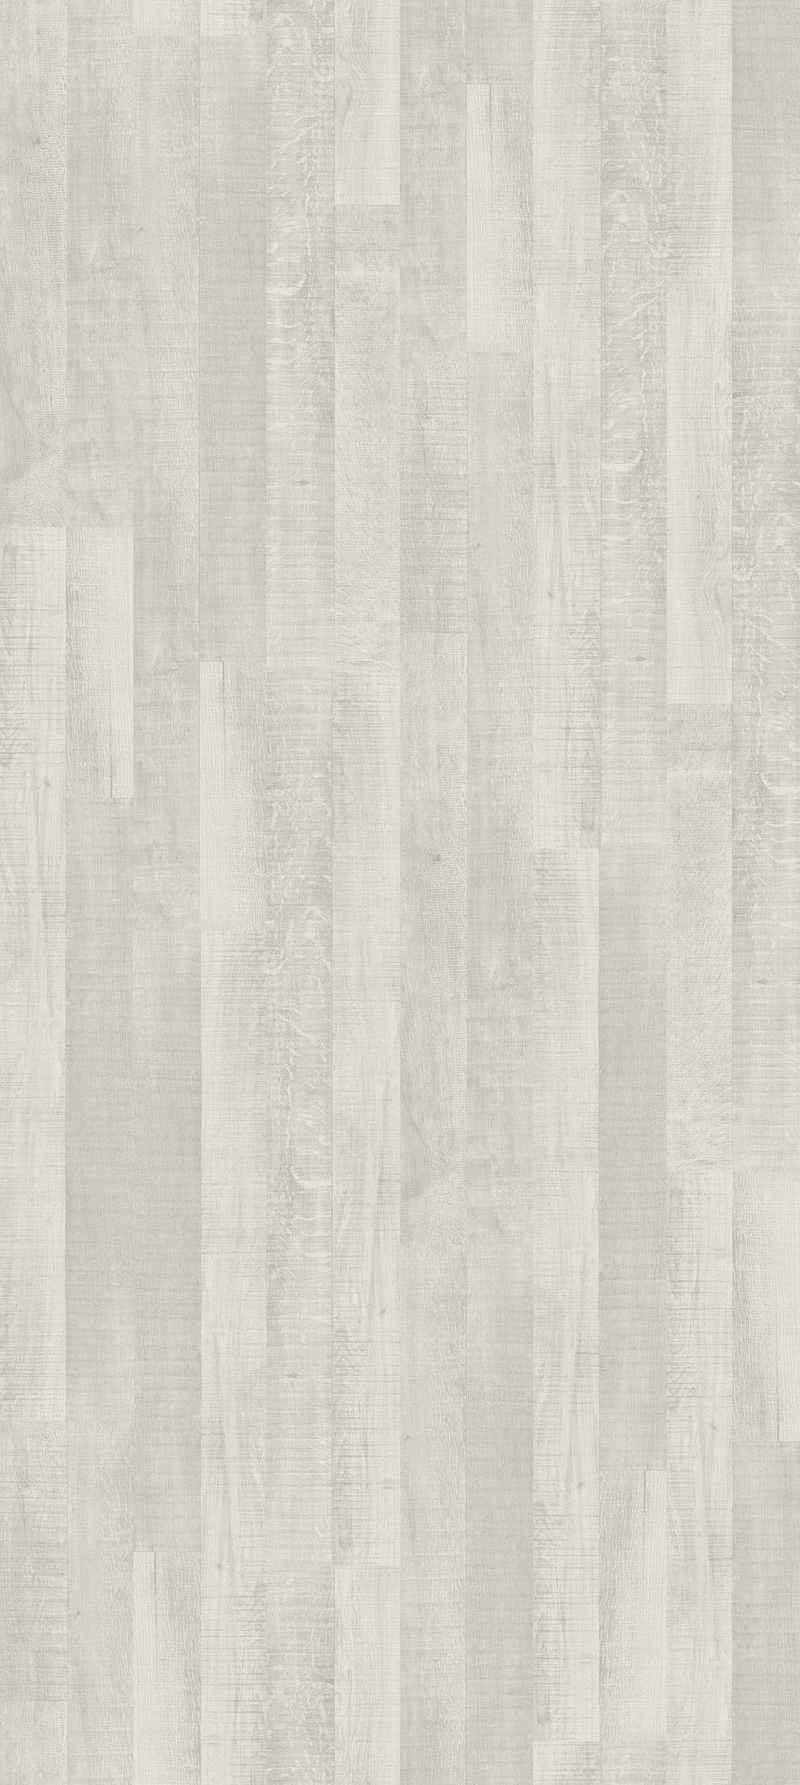 PARADOR Laminat »Basic 200 - Eiche weiß«, Packung, ohne Fuge, 194 x 1285 mm